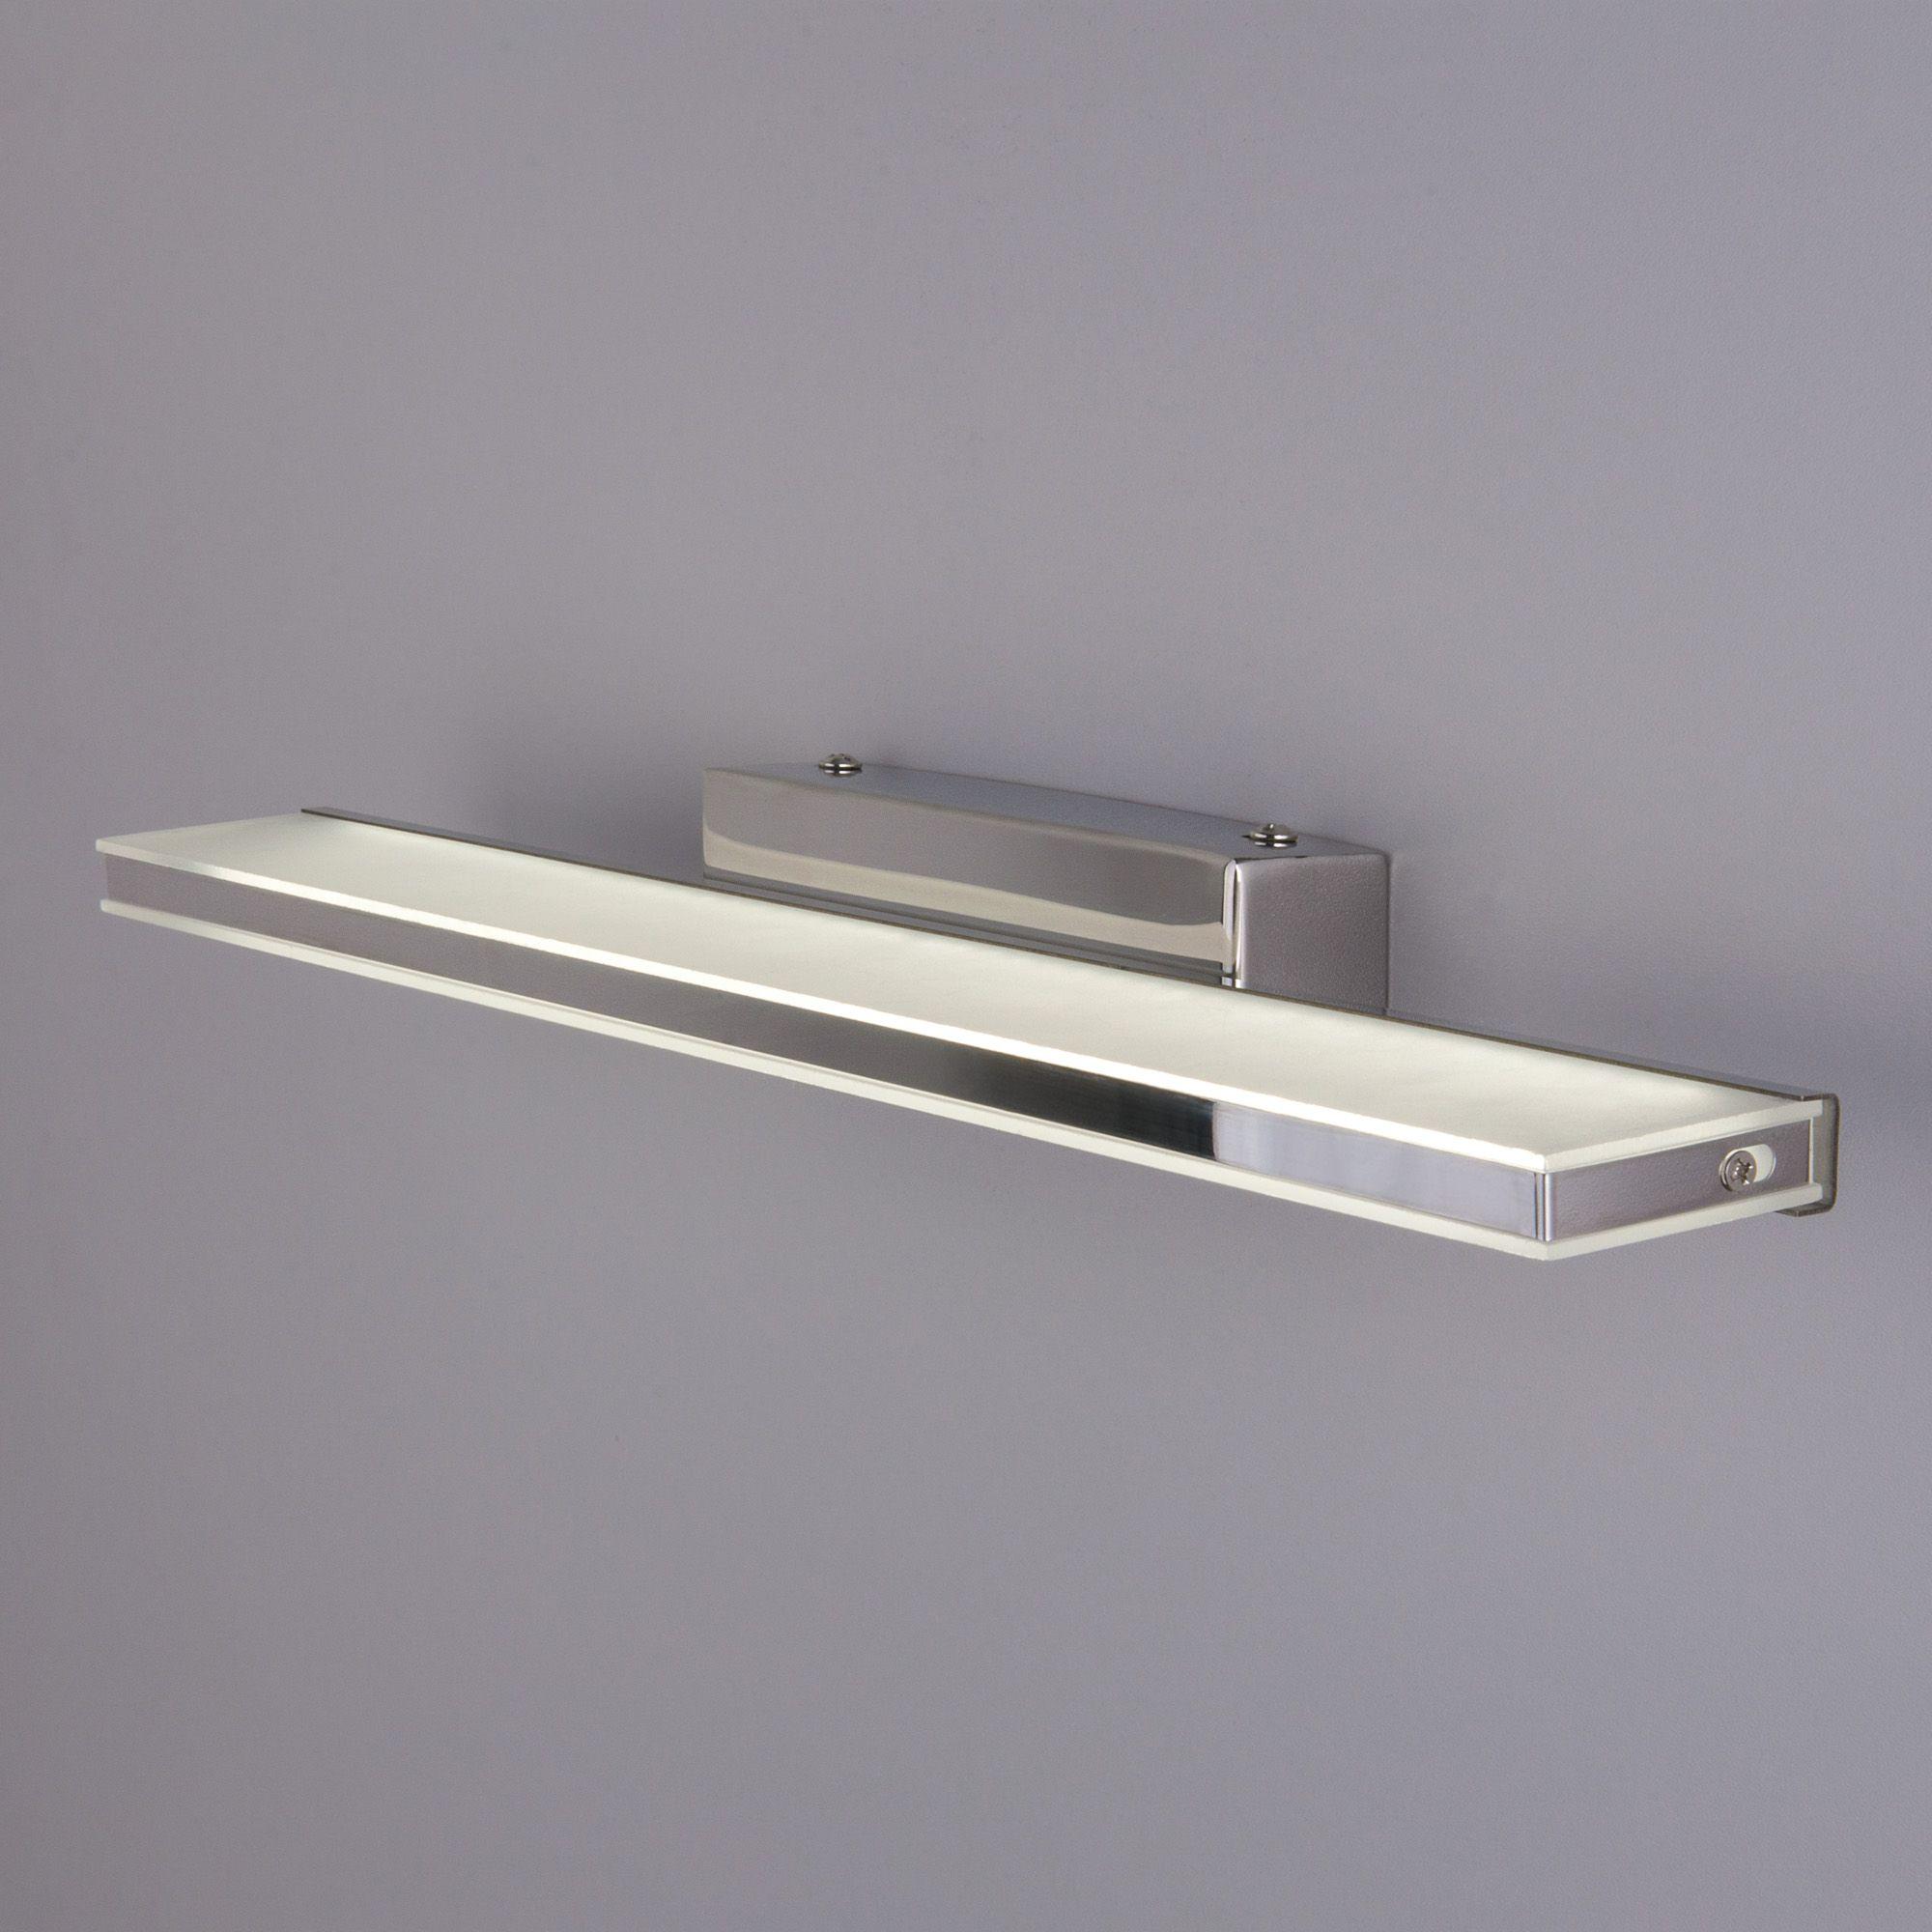 Настенный светодиодный светильник Tabla LED MRL LED 1075 хром